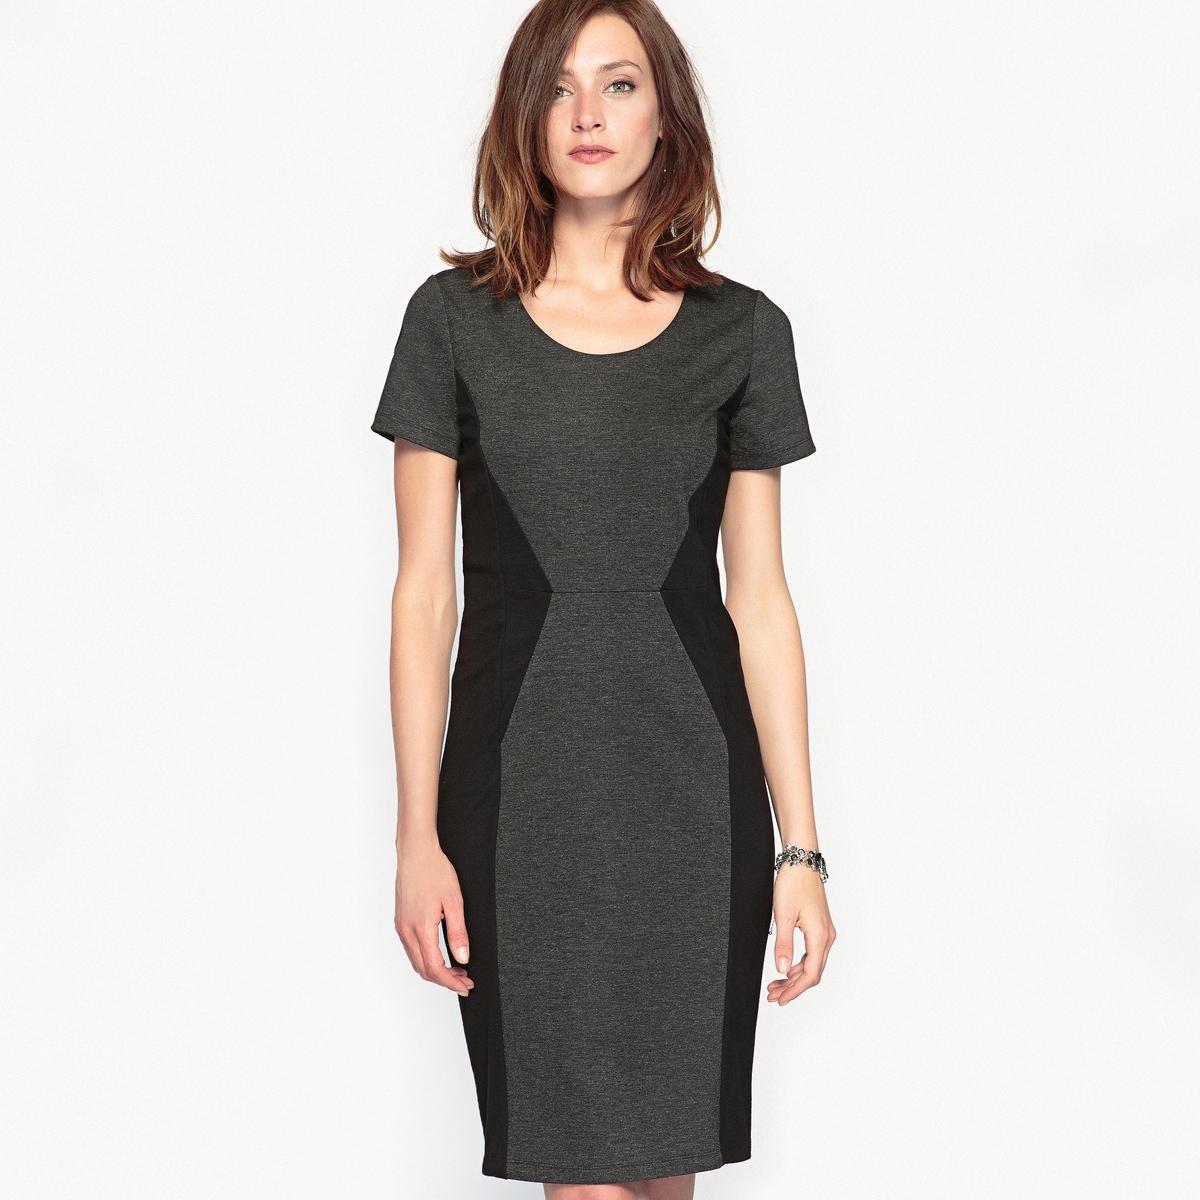 Платье из плотного трикотажа, комфортное, способствующее похудениюДвухцветное платье из плотного трикотажа, комфортное, моделирующее и способствующее похудению благодаря вшитому поясу. Идеальный силуэт ! Широкое внизу платье в талию, отрезные детали на поясе спереди и сзади. Застежка на скрытую молнию сзади. Шлица сзади. Подкладка поддерживающего пояса, 84% полиамида, 16% эластана для эффекта похудения.Состав и описание :Материал : плотный трикотаж, 70% вискозы, 26% полиамида, 4% эластана.Подкладка : 100% полиэстер. Длина : 91 см.    Марка : Anne WeyburnУход :Машинная стирка при 30 °С в умеренном режиме.Гладить при низкой температуре.<br><br>Цвет: серый меланж/черный<br>Размер: 48 (FR) - 54 (RUS).44 (FR) - 50 (RUS)